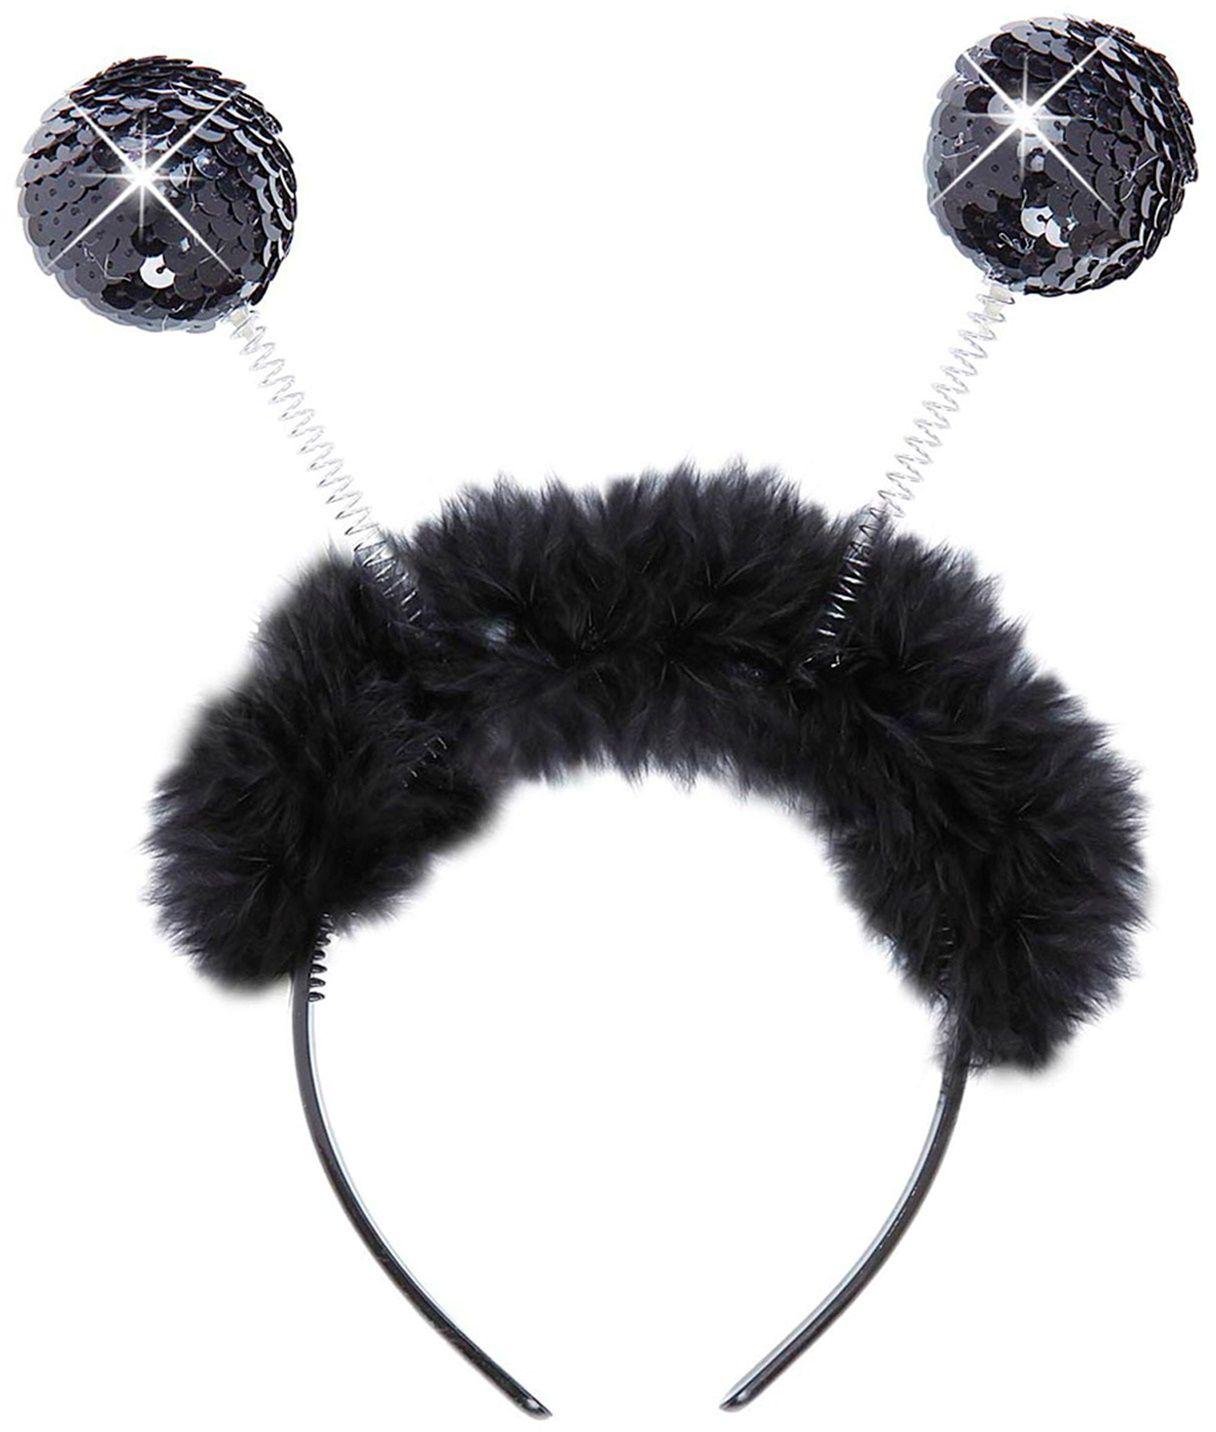 Zwarte hoofdband met pailletten sprieten